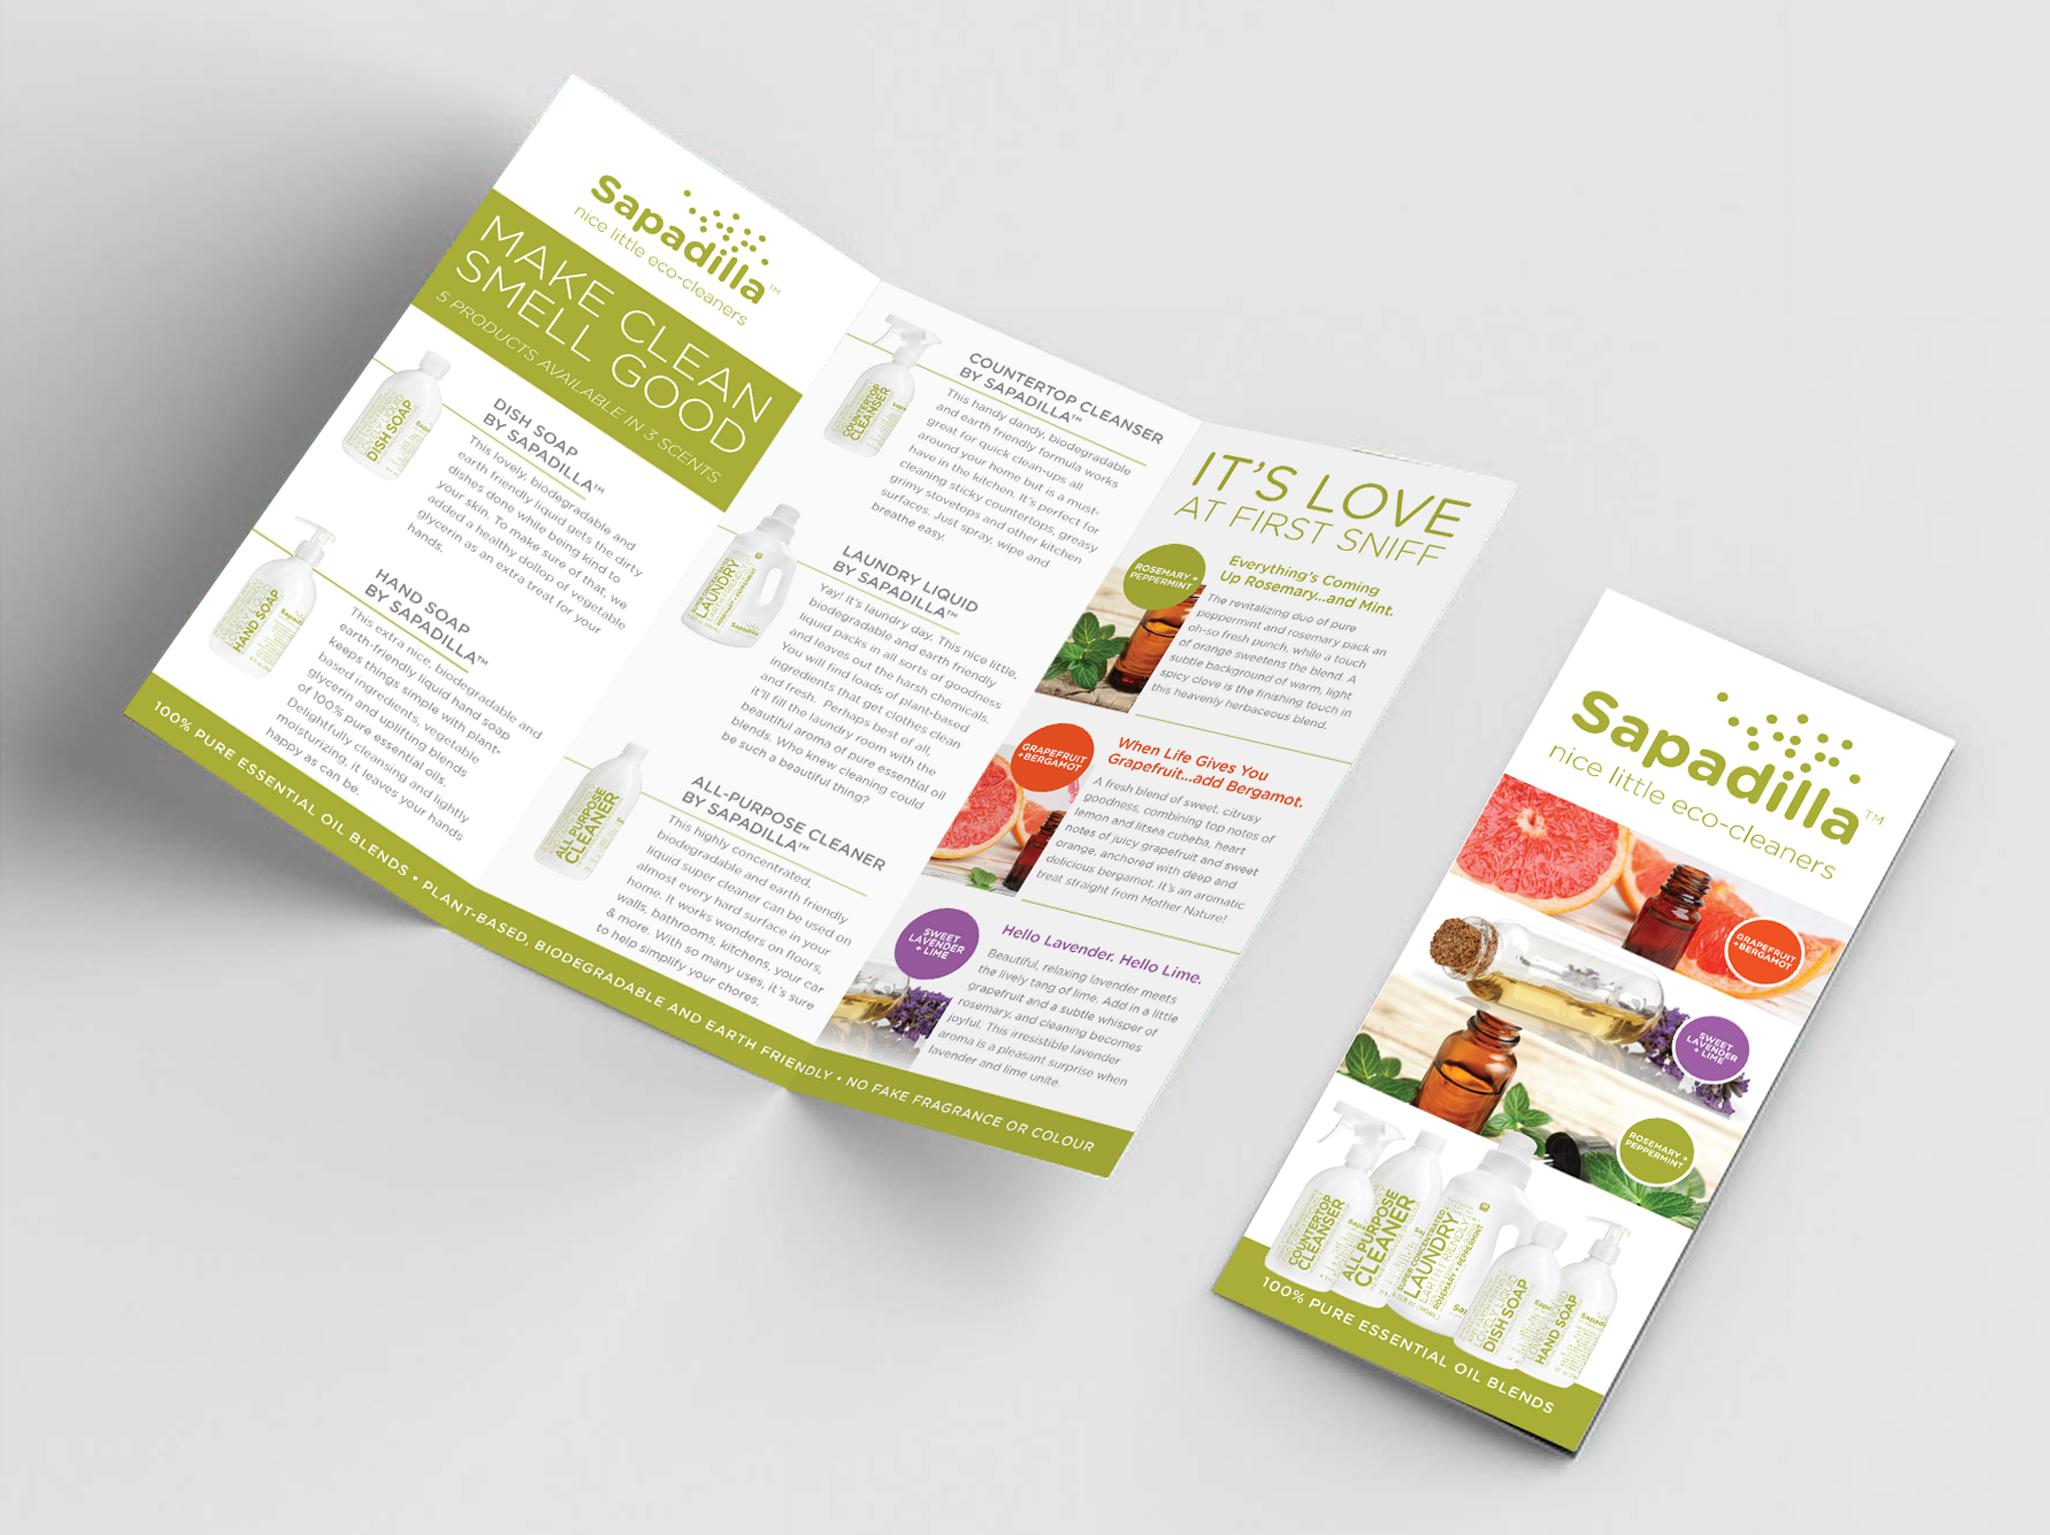 sapadilla+brochure copy.jpg